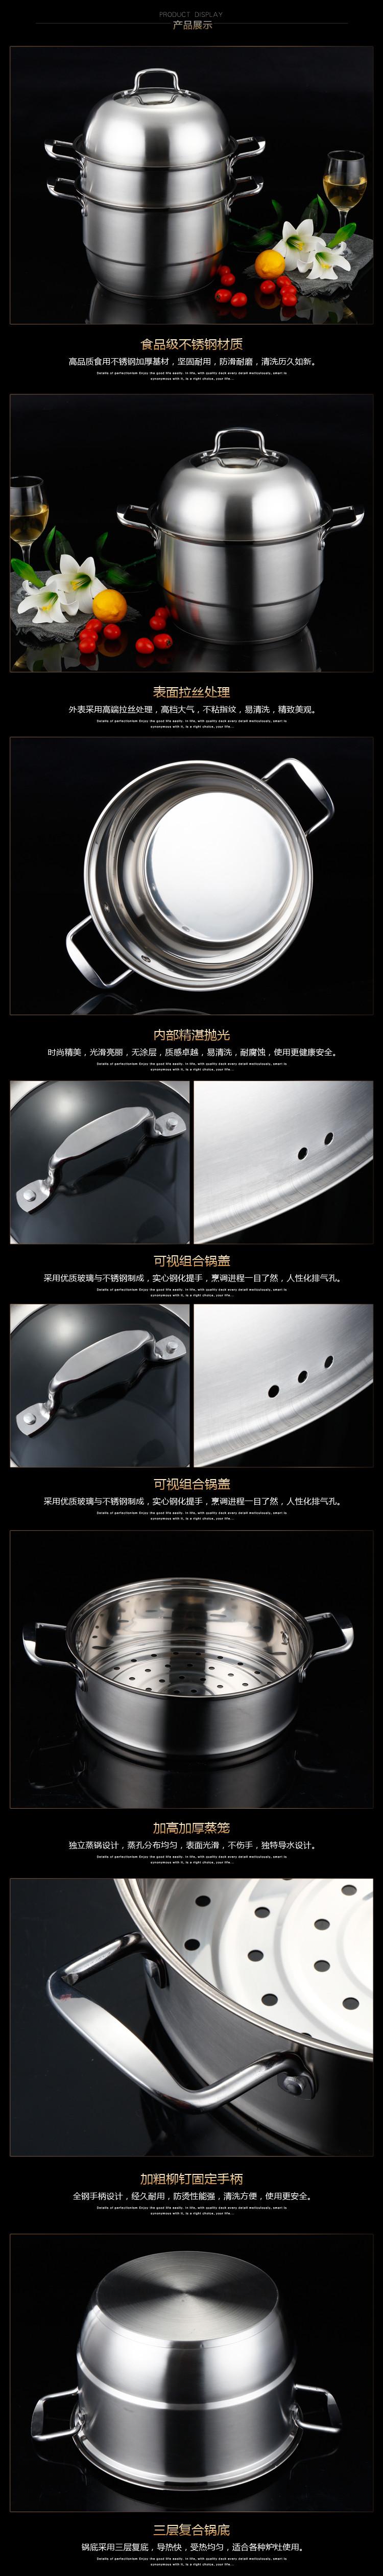 盛诺不锈钢多层蒸锅 SN-788